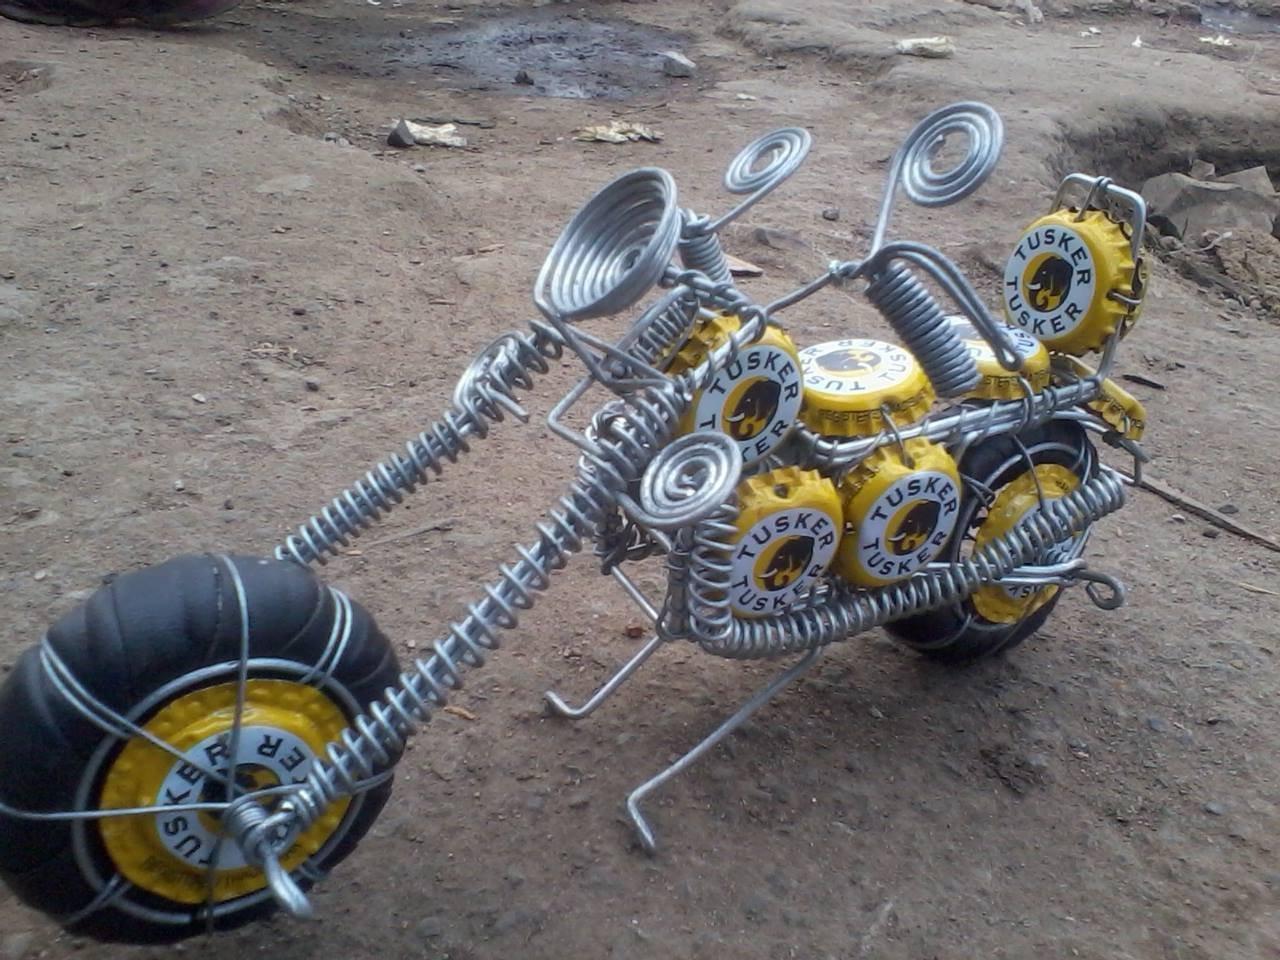 geri donusturulmus metal tel motosiklet kia icinde el yapimi